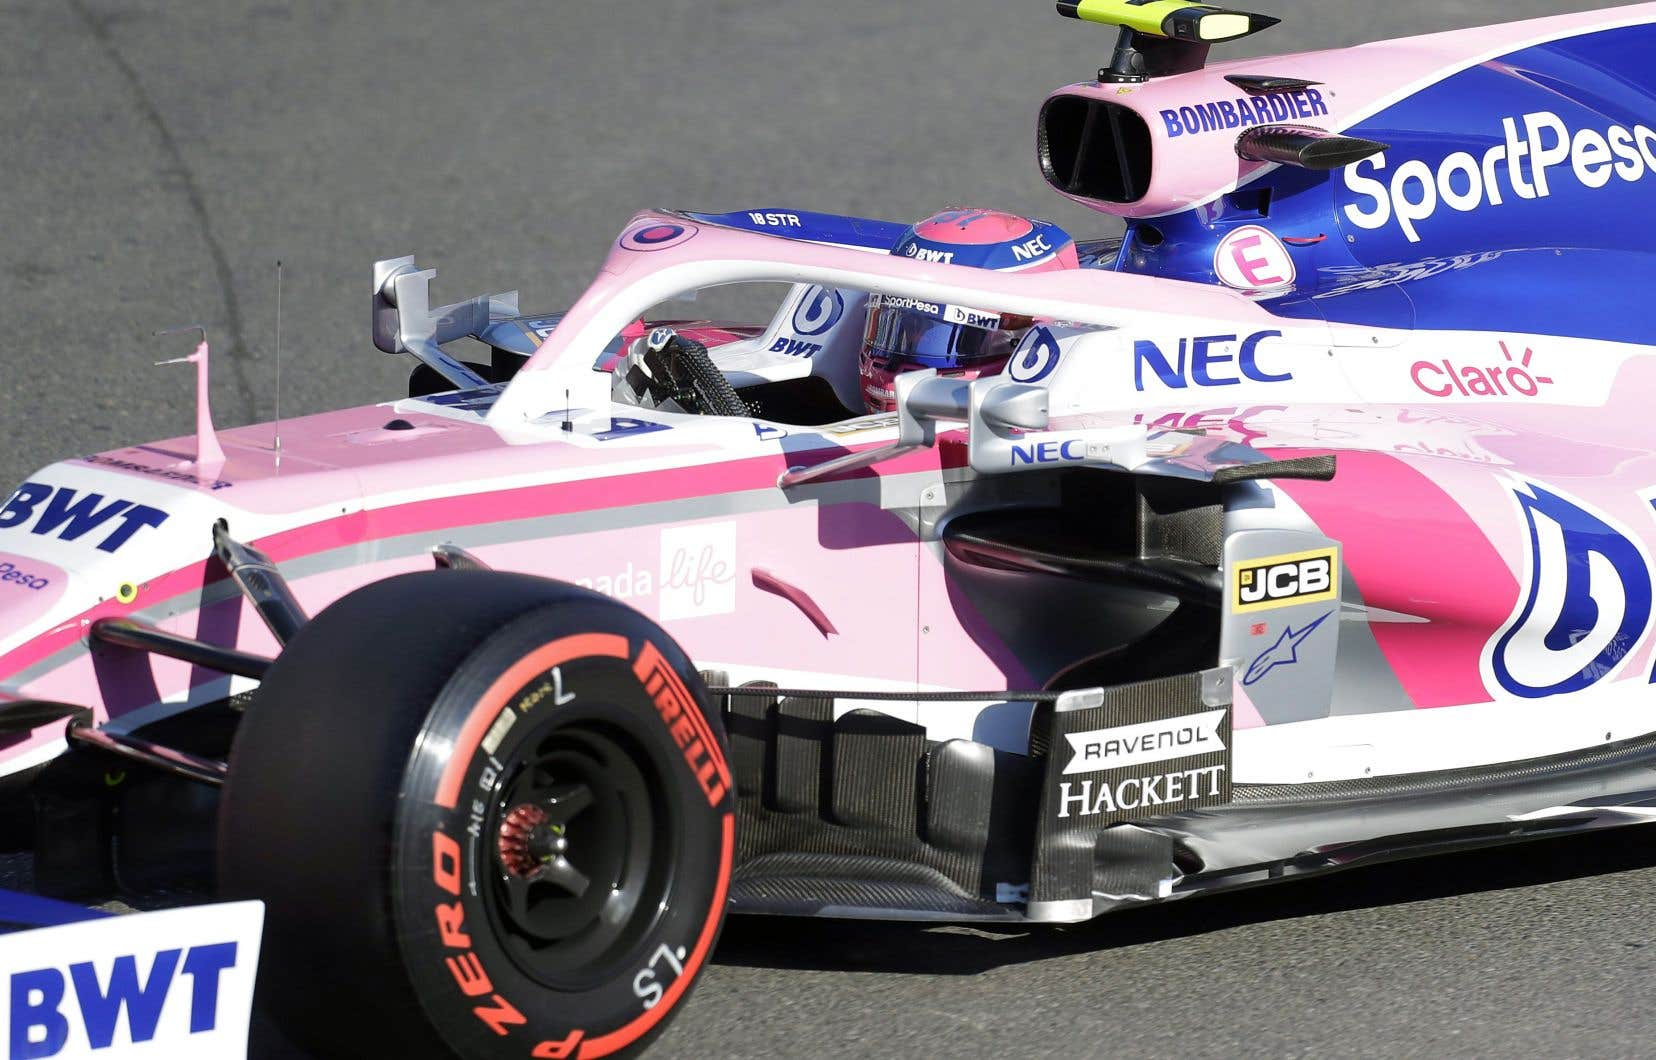 Lance Stroll compte sur des améliorations mécaniques et aérodynamiques de sa voiture pour grappiller quelques fractions de seconde en fin de semaine au Grand Prix d'Espagne.